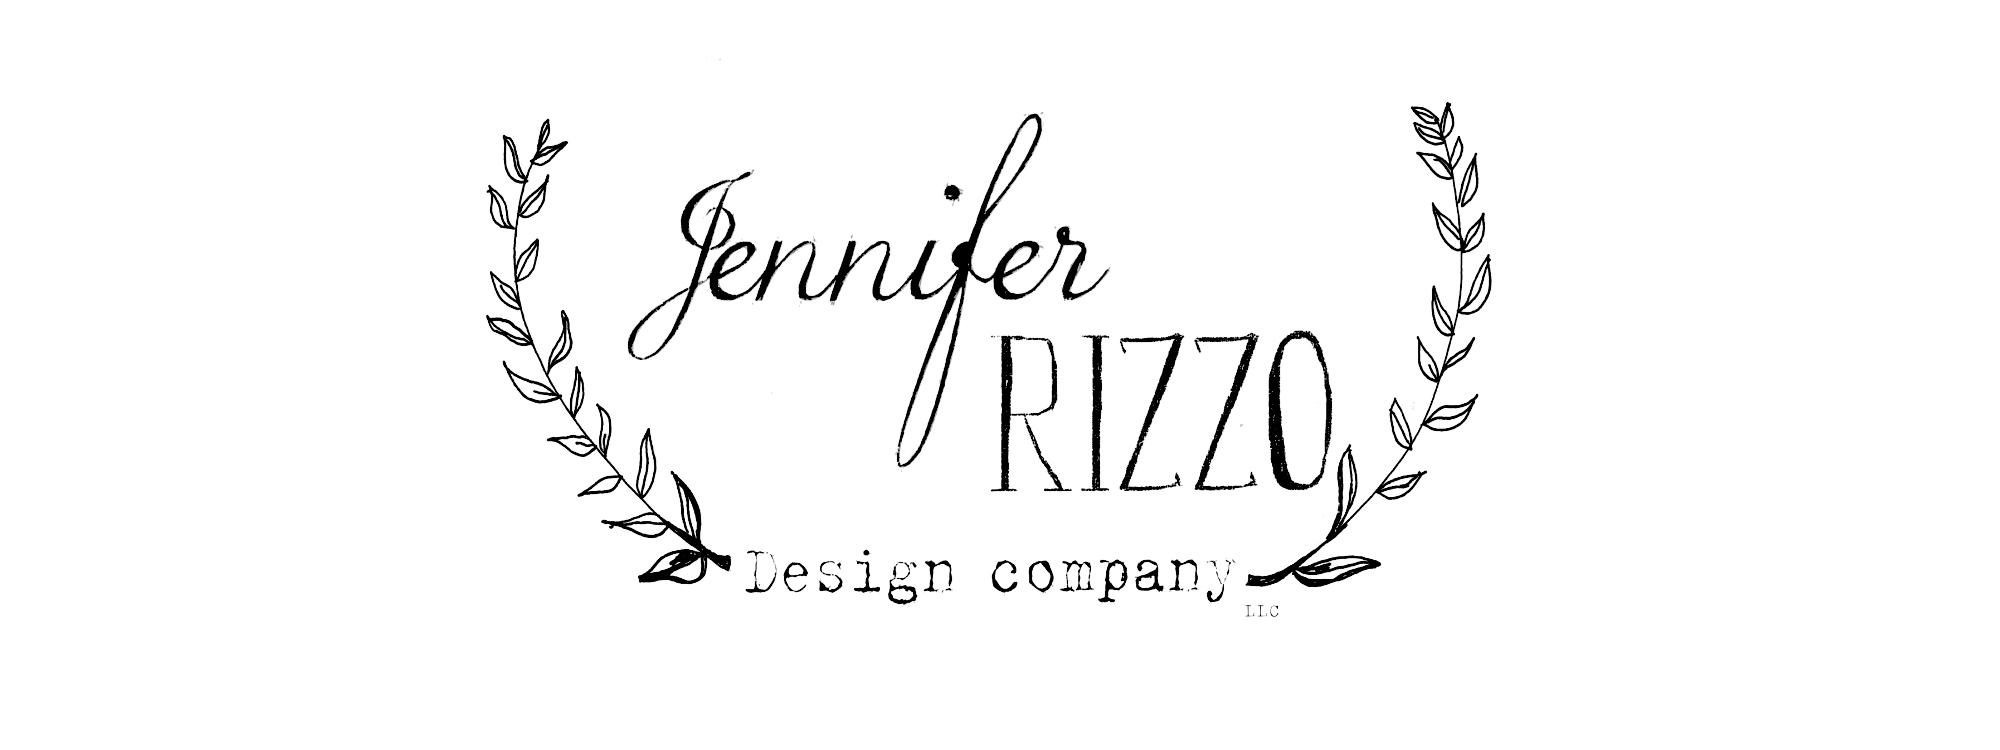 Jennifer Rizzo's Signature